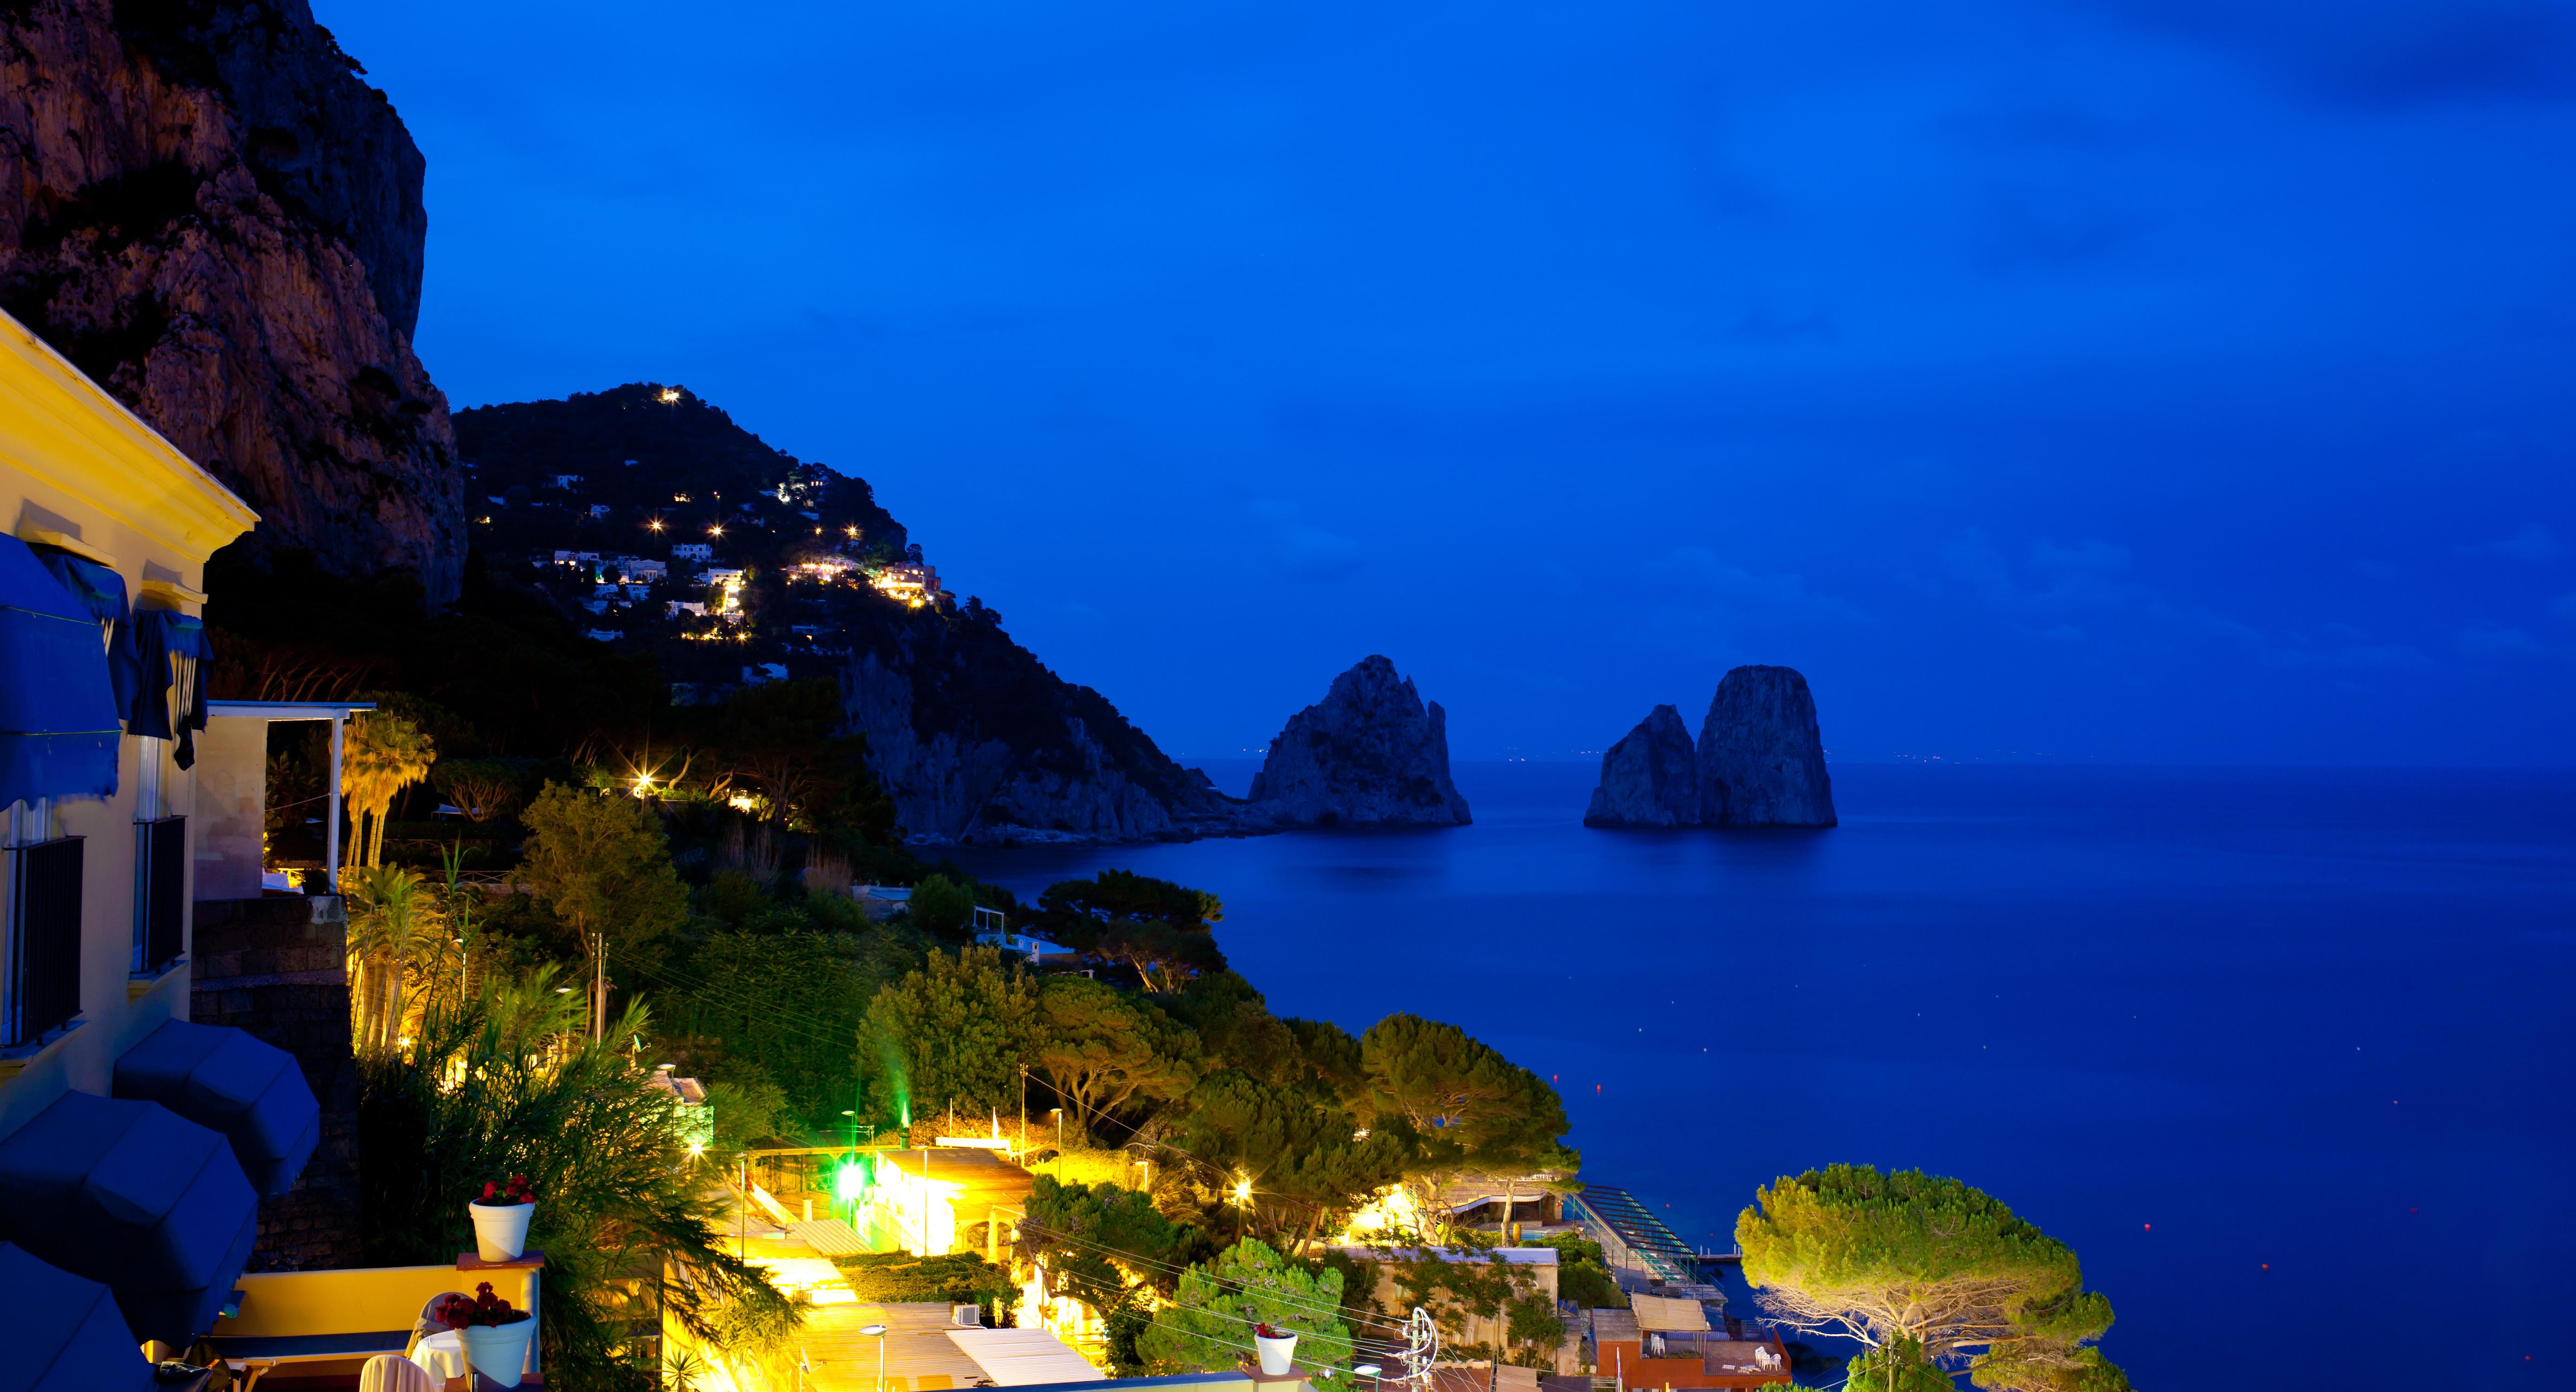 View of Marina Piccola and Faraglioni by night, Capri island